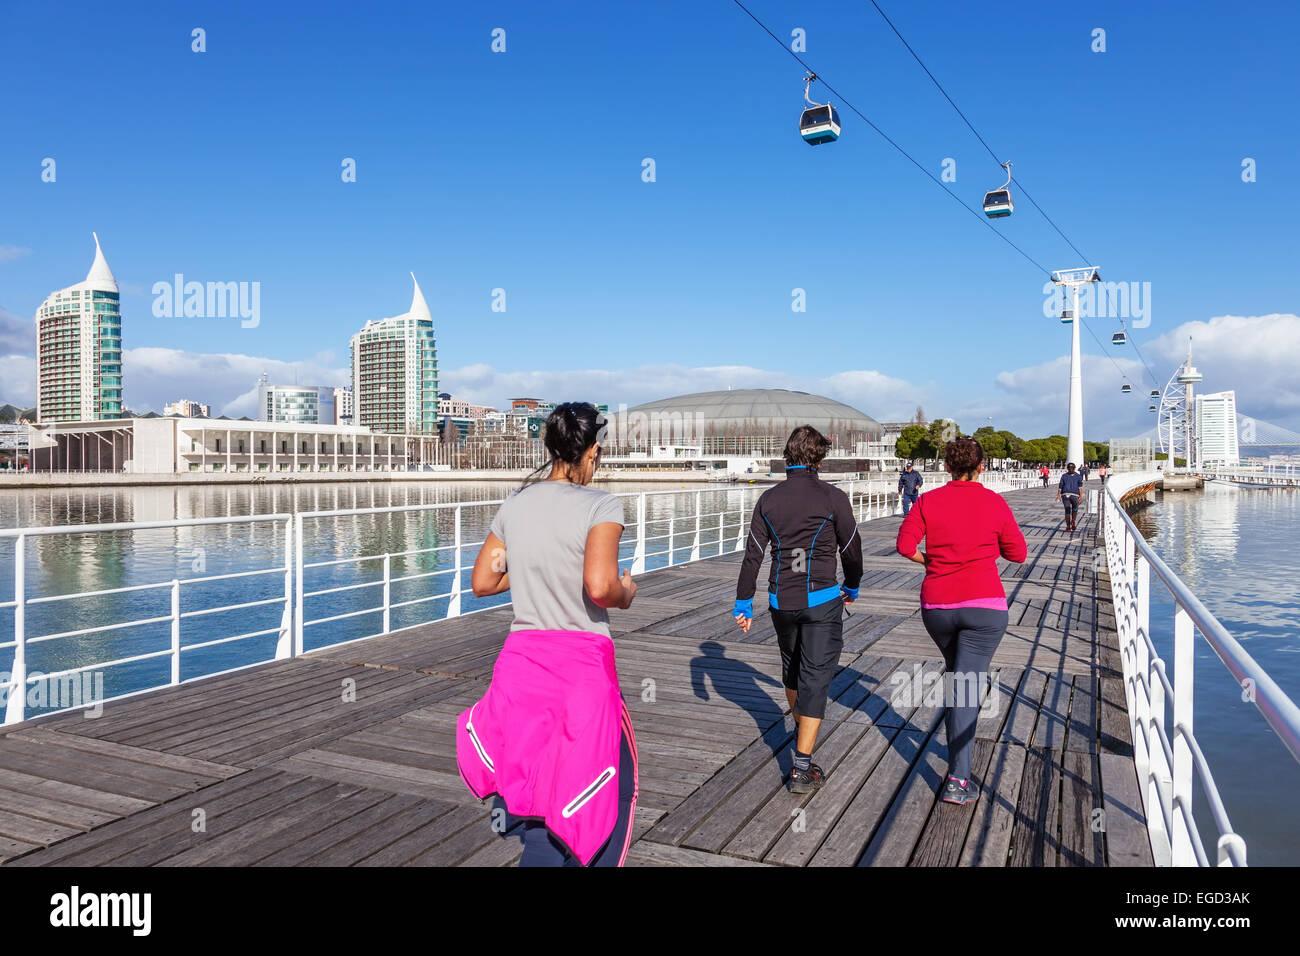 People practicing sports on Passeio Ribeirinho. Atlantico Pavilion (MEO Arena). Vasco da Gama Tower and Bridge, - Stock Image